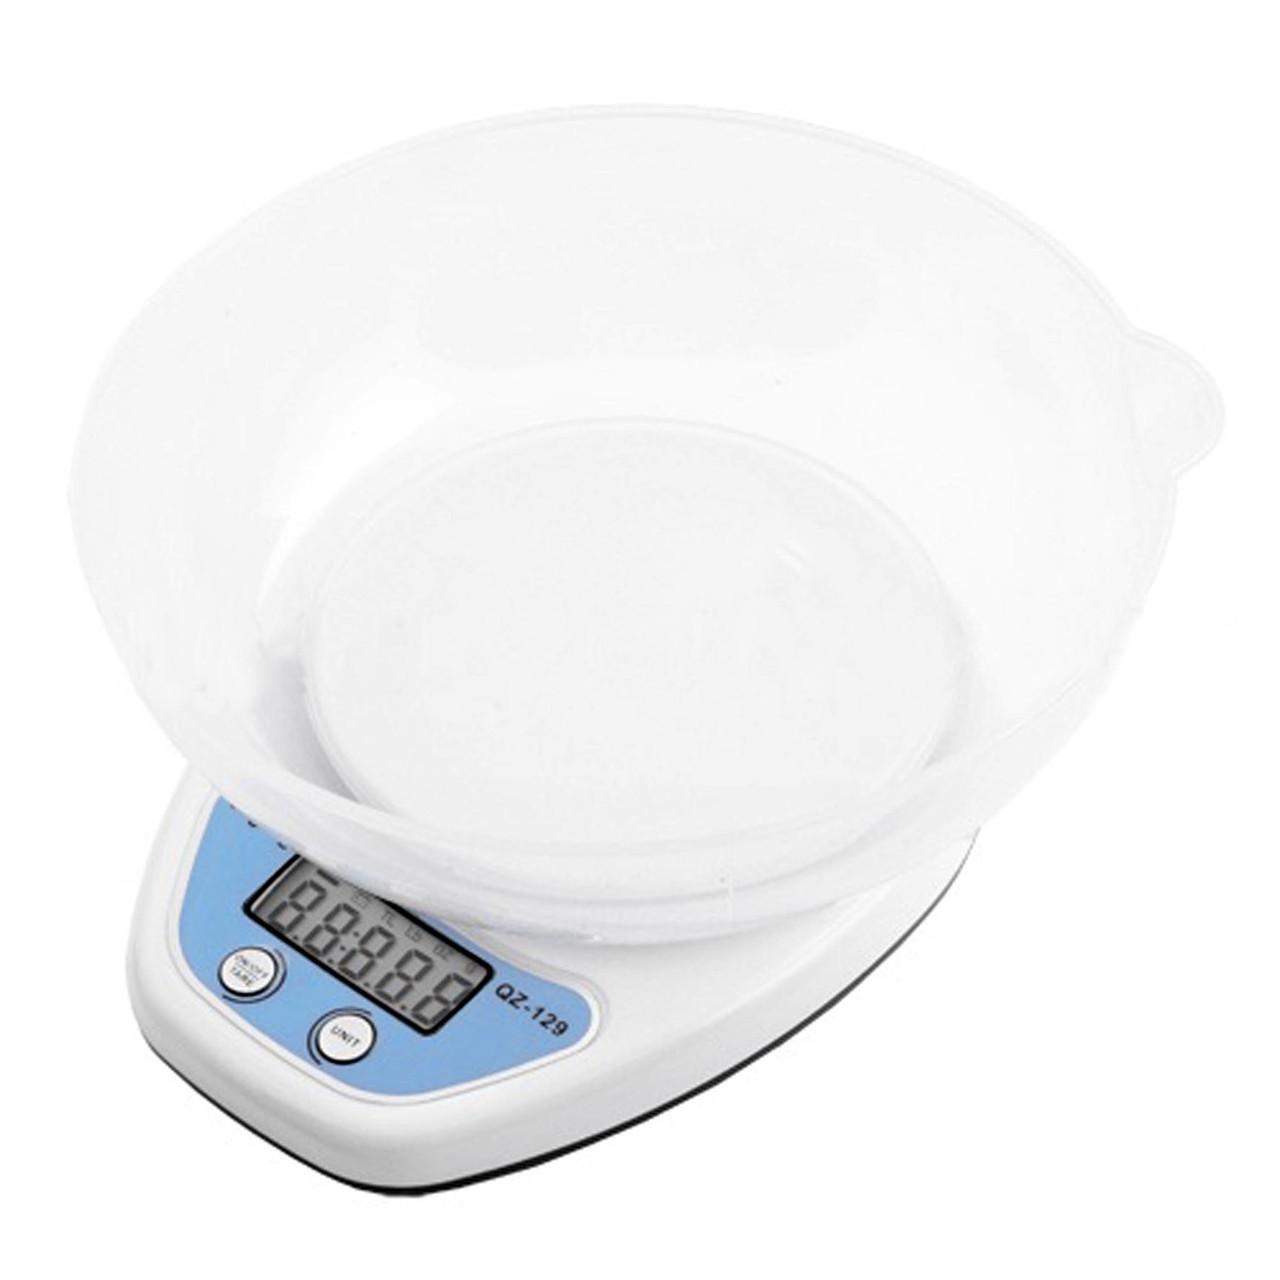 Ваги кухонні електронні QZ-129, 5кг (1г) (електронні ваги)